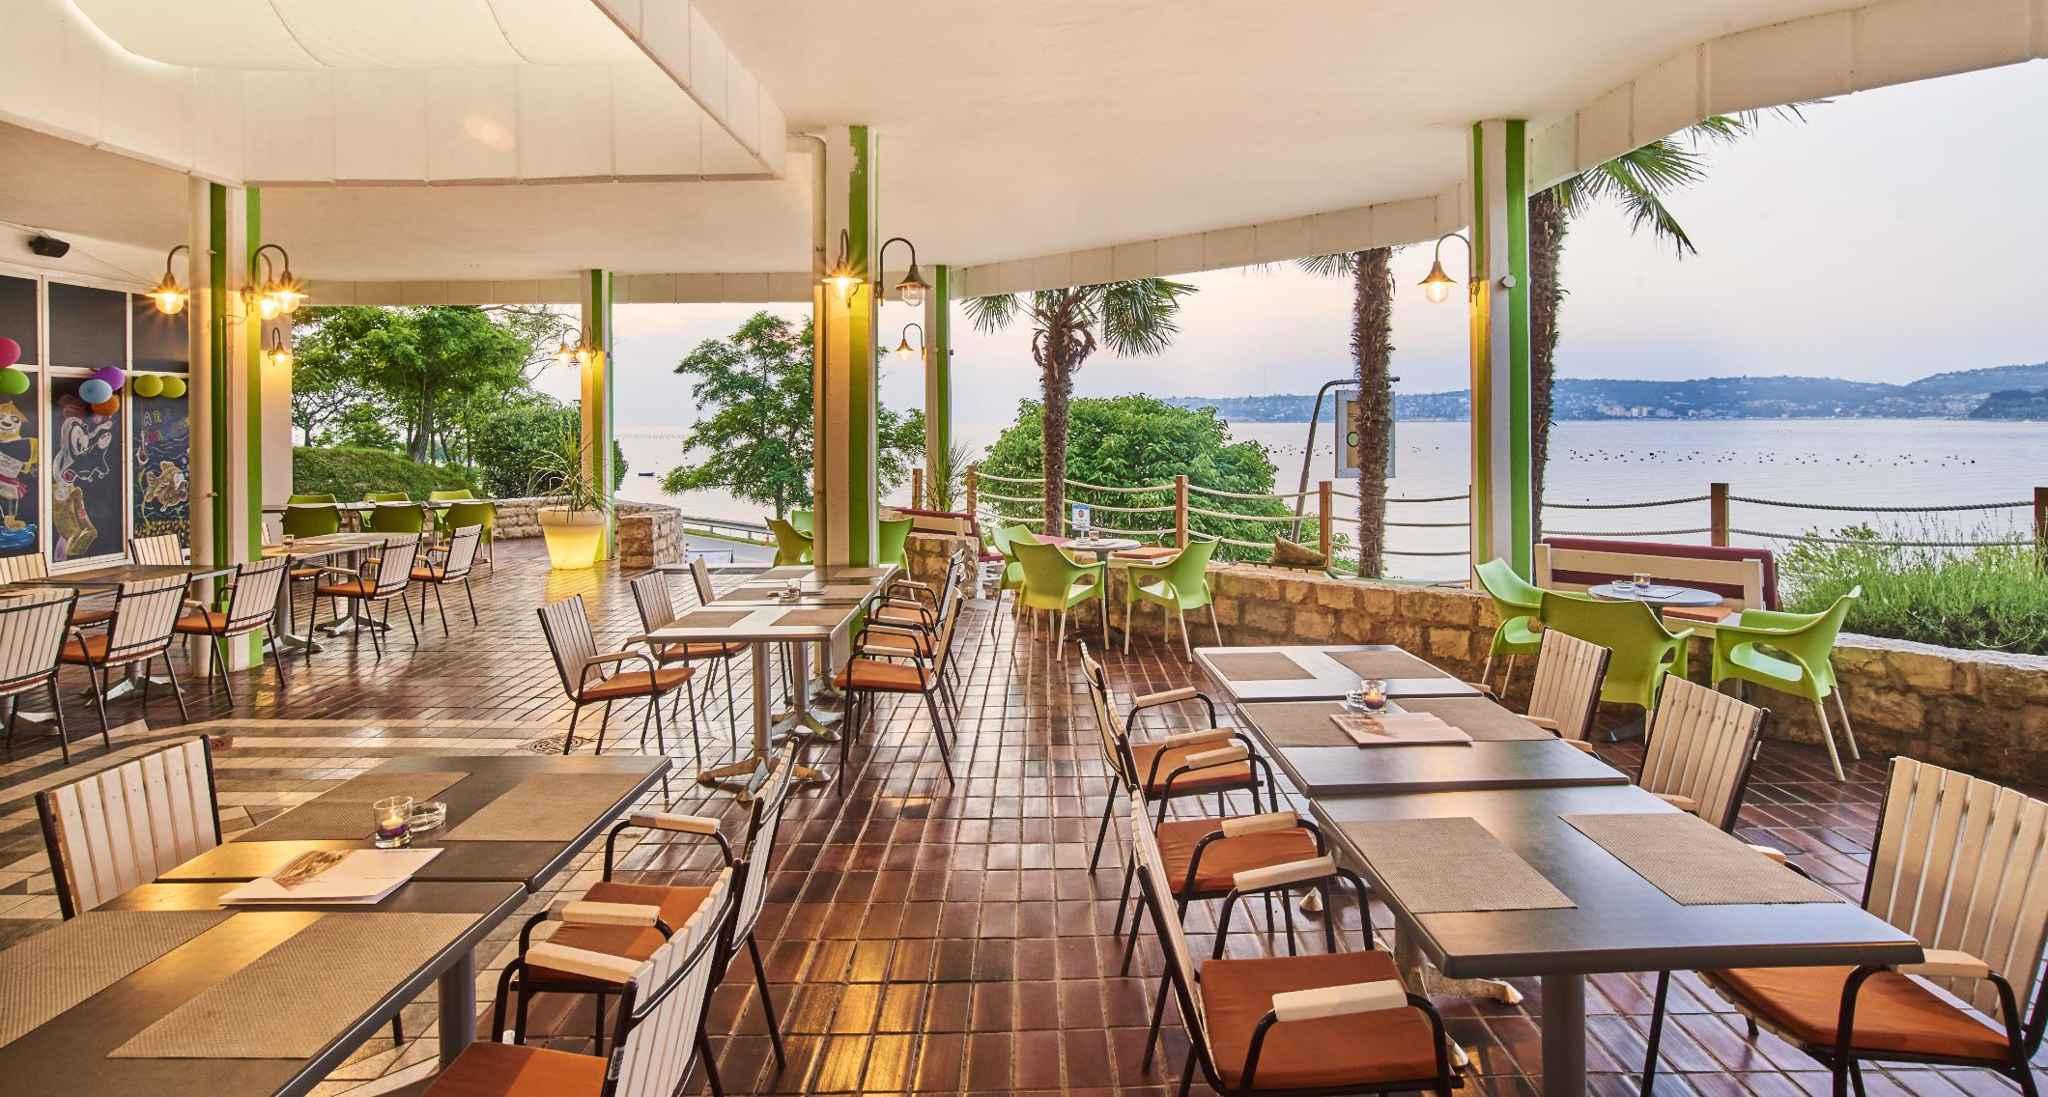 Ferienhaus Bungalow in der Ferienanlage Kanegra (281162), Umag, , Istrien, Kroatien, Bild 16